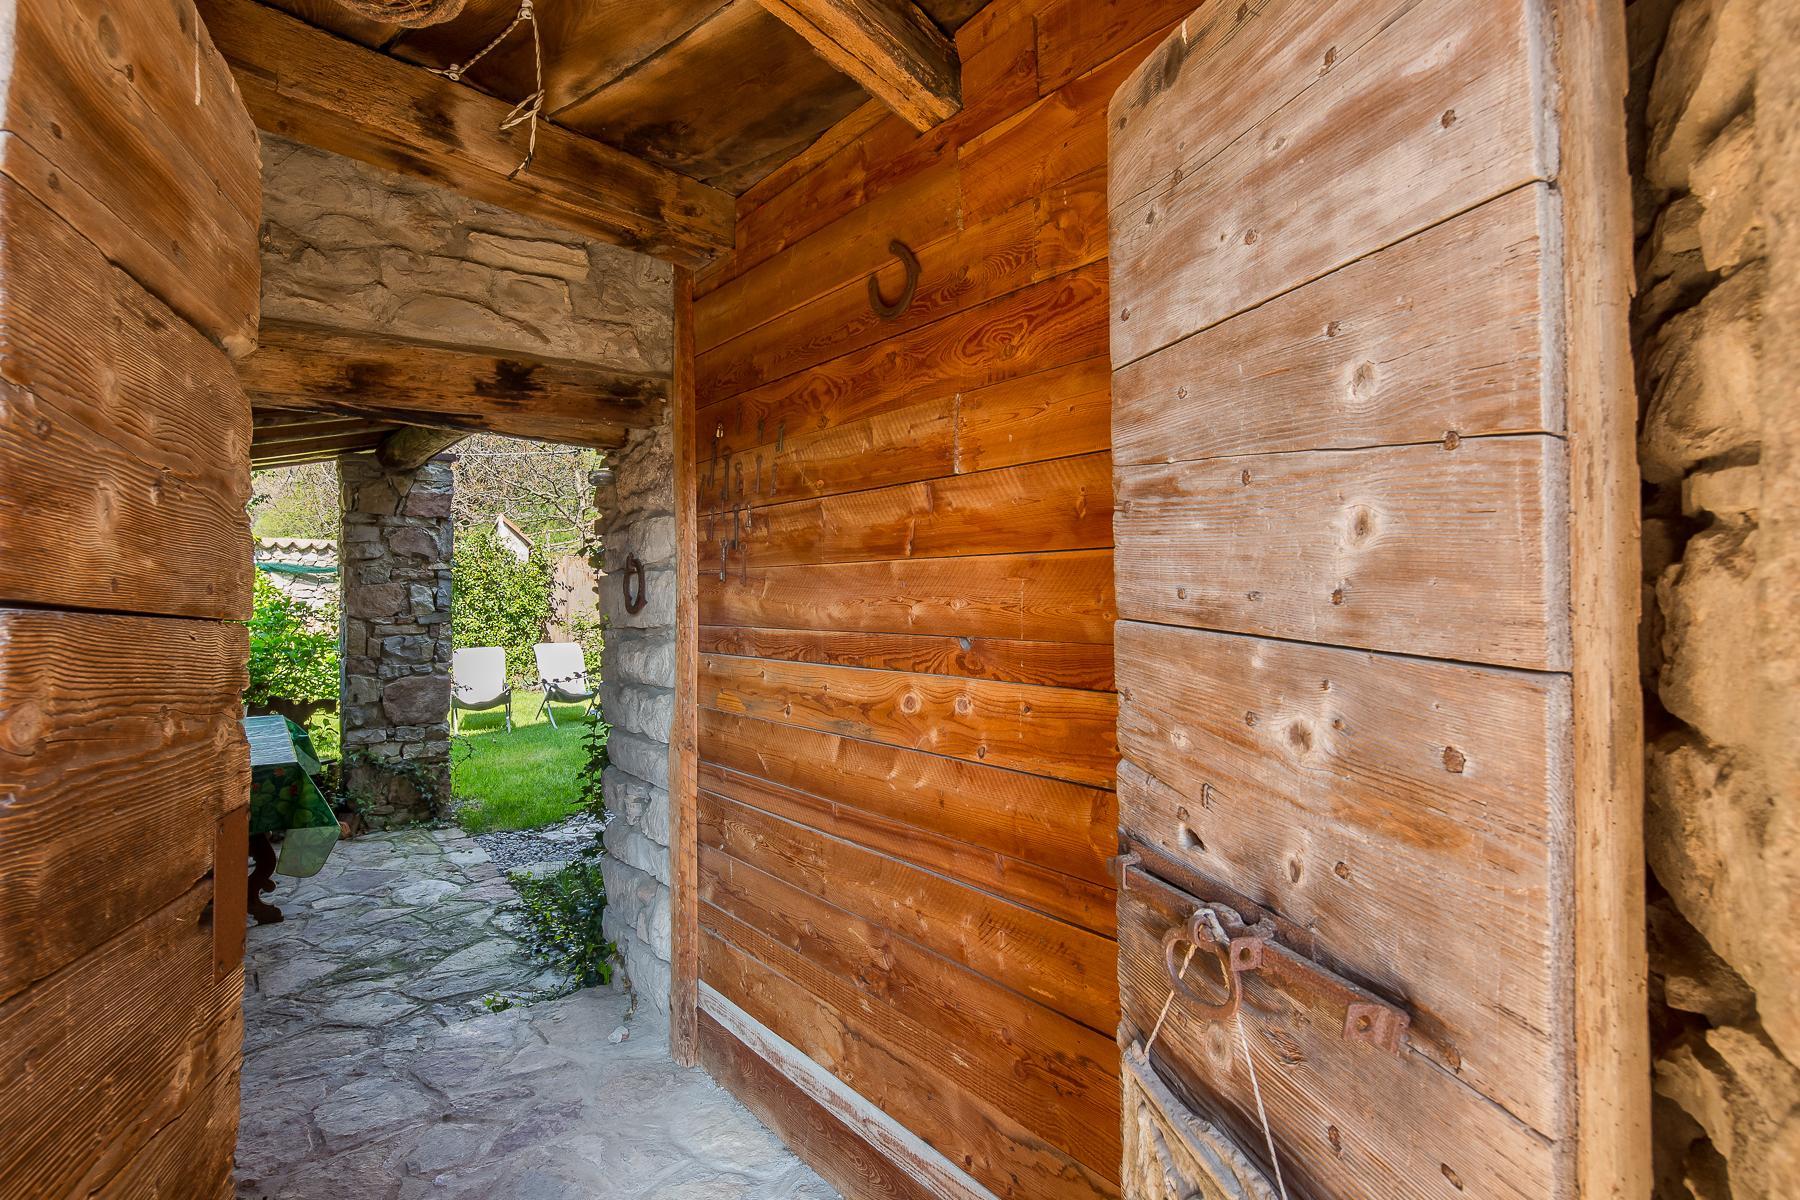 坐落在山坡之上安静村庄内的石头房屋 - 12